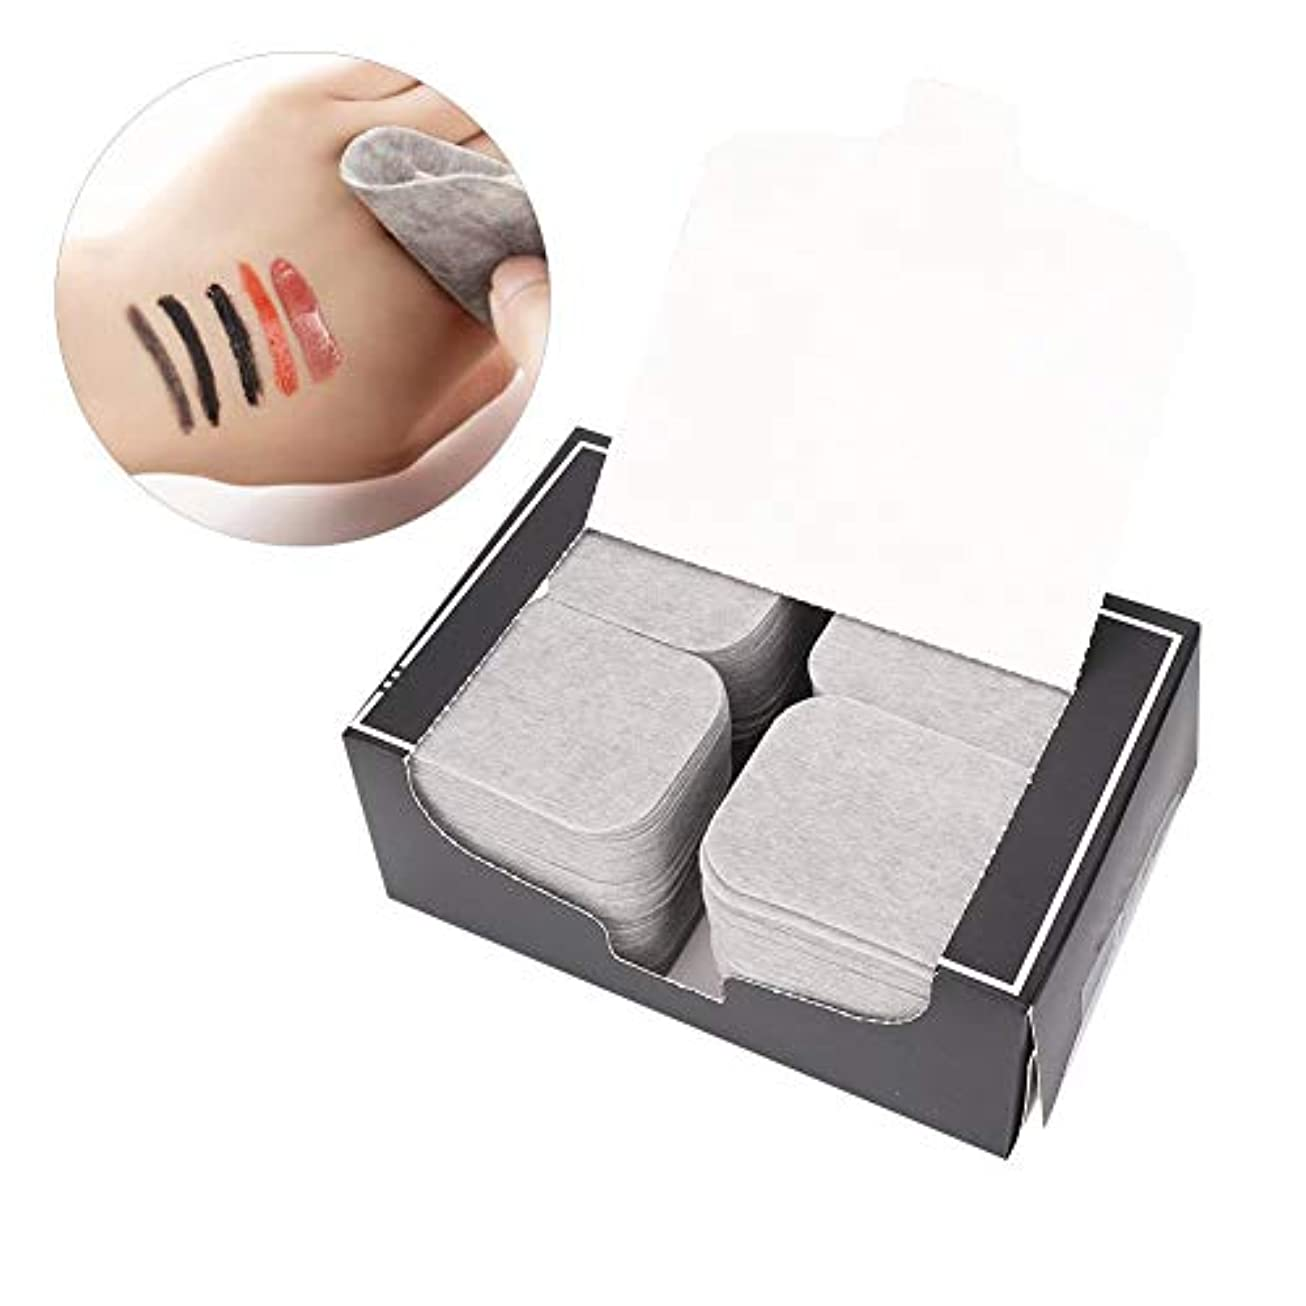 抜粋コック準拠200ピース竹炭タオルメイクアップフェイスクレンジングパッド化粧品除去ツール